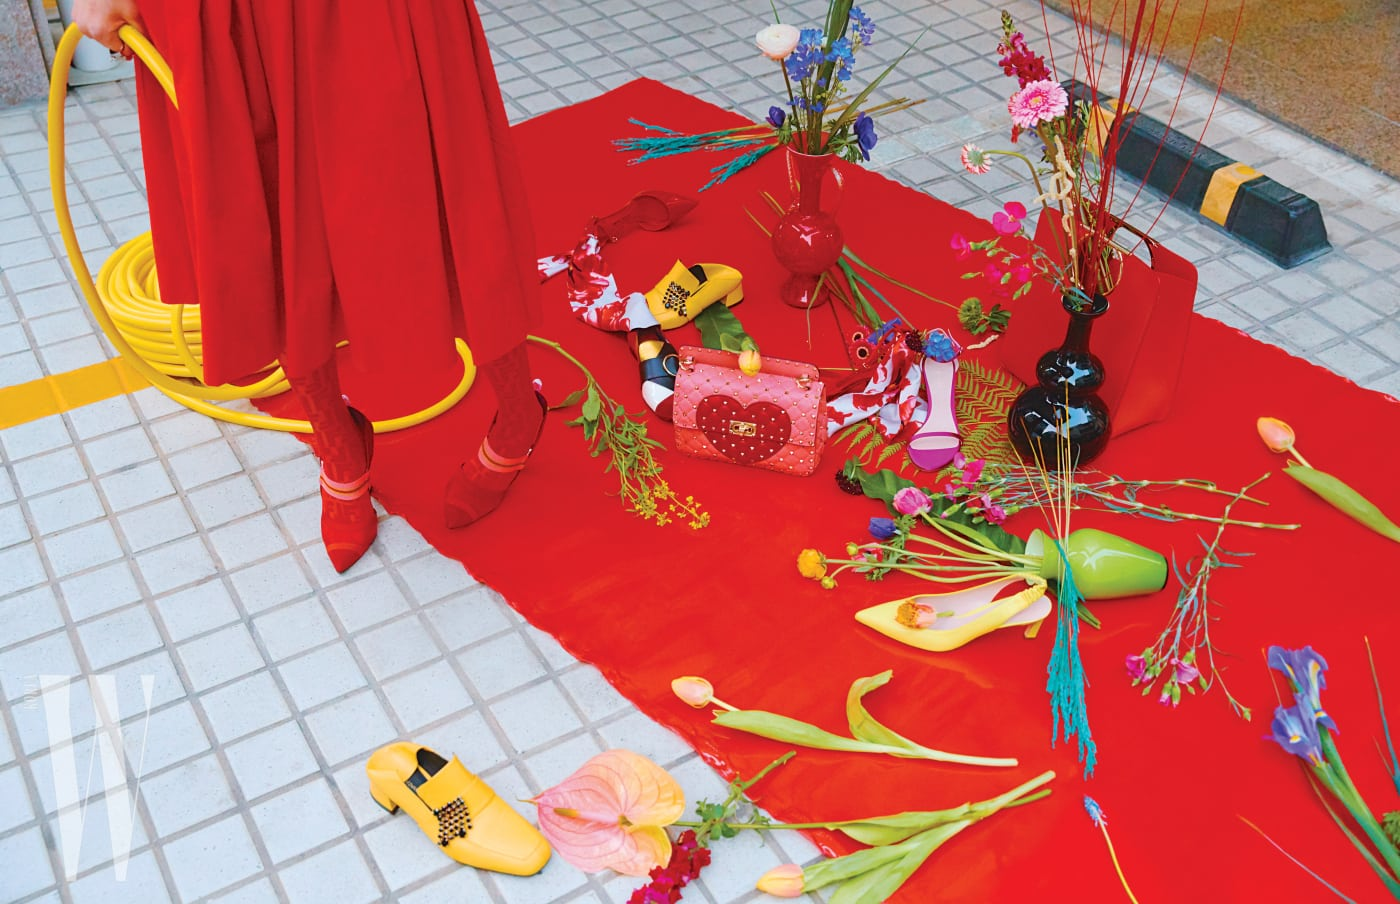 메탈 반지는 Vivienne Westwood, 붉은색 스커트와 F 로고 장식 타이츠, 밴딩 장식의 힐은 모두 Fendi 제품. 바닥에 놓인 스카프 장식의 붉은색 페이턴트 힐은 Salvatore Ferragamo, 검정 스톤 소재의 프린지 장식이 돋보이는 노란색 로퍼는 Stuart Weitzman, 컬러 블록 패턴이 돋보이는 로퍼는 Bally, 하트 모티프의 스터드 장식 백은 Valentino Garavani, 보라색 새틴 소재 스트랩 힐과 레몬색 슬링백 슈즈는 Stuart Weitzman 제품.